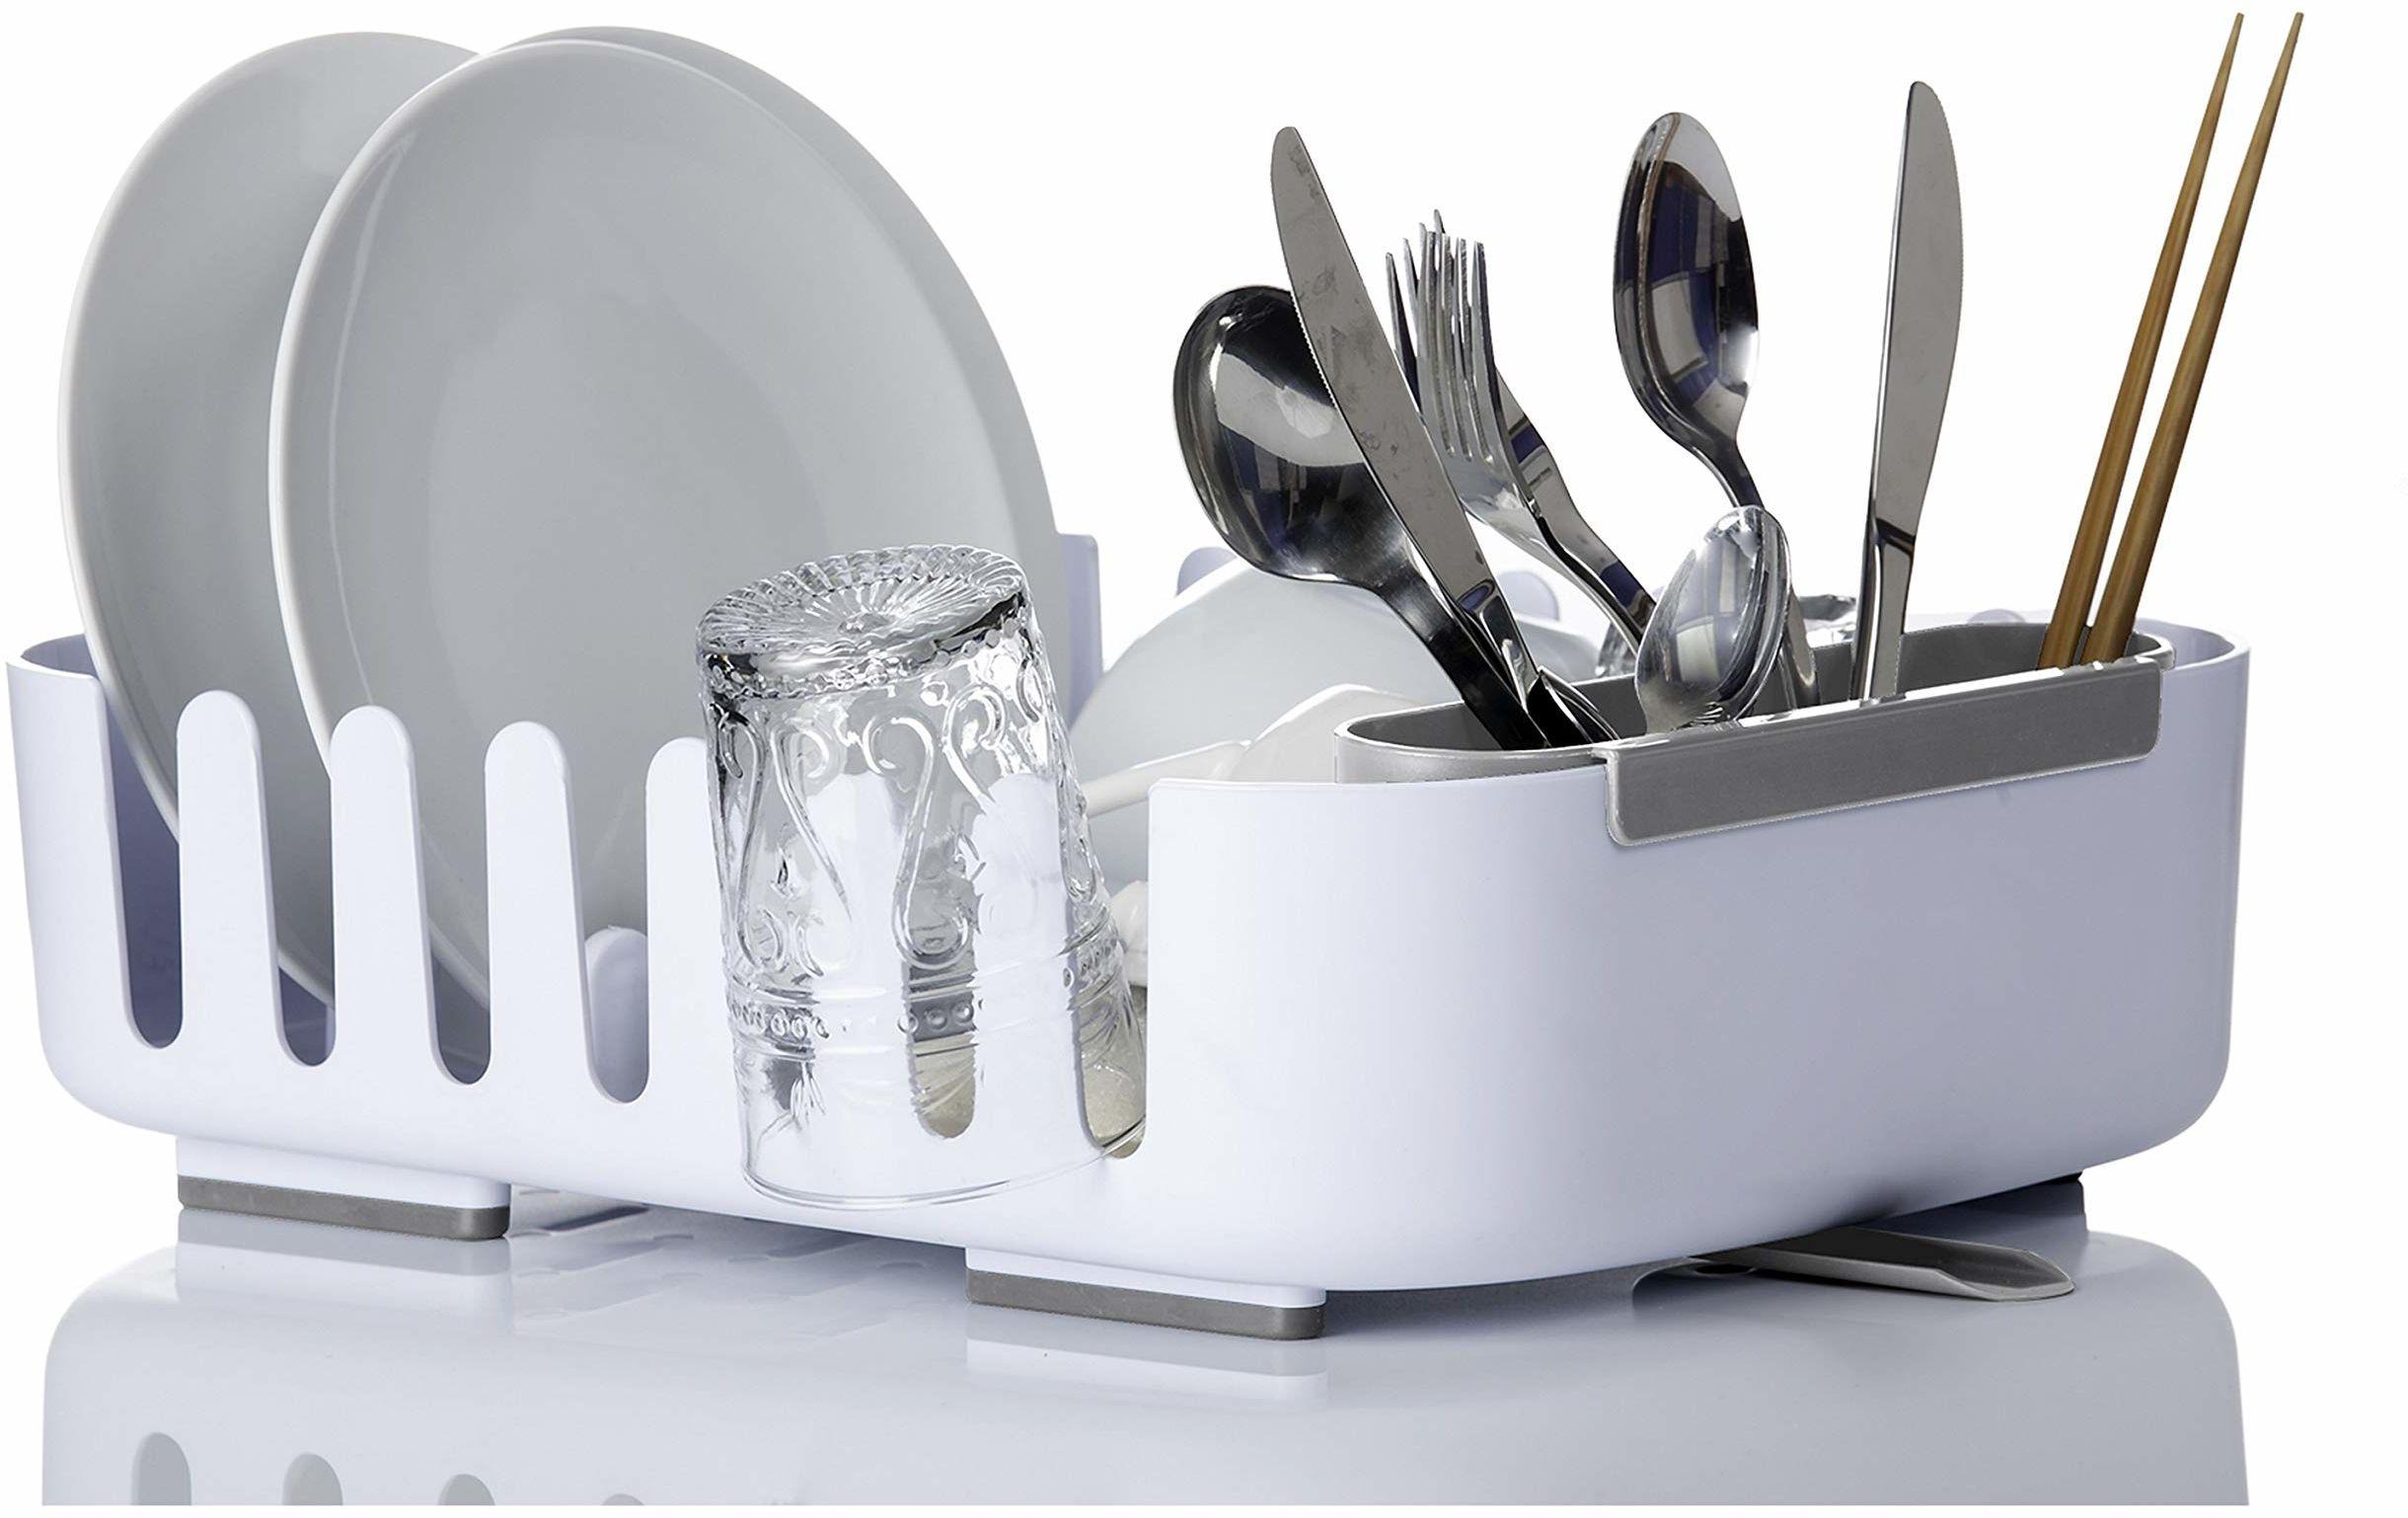 Vigar Rengo ociekacz do naczyń kuchennych z systemem odpływowym, tworzywo sztuczne, biały, 38,5 x 29 x 10,5